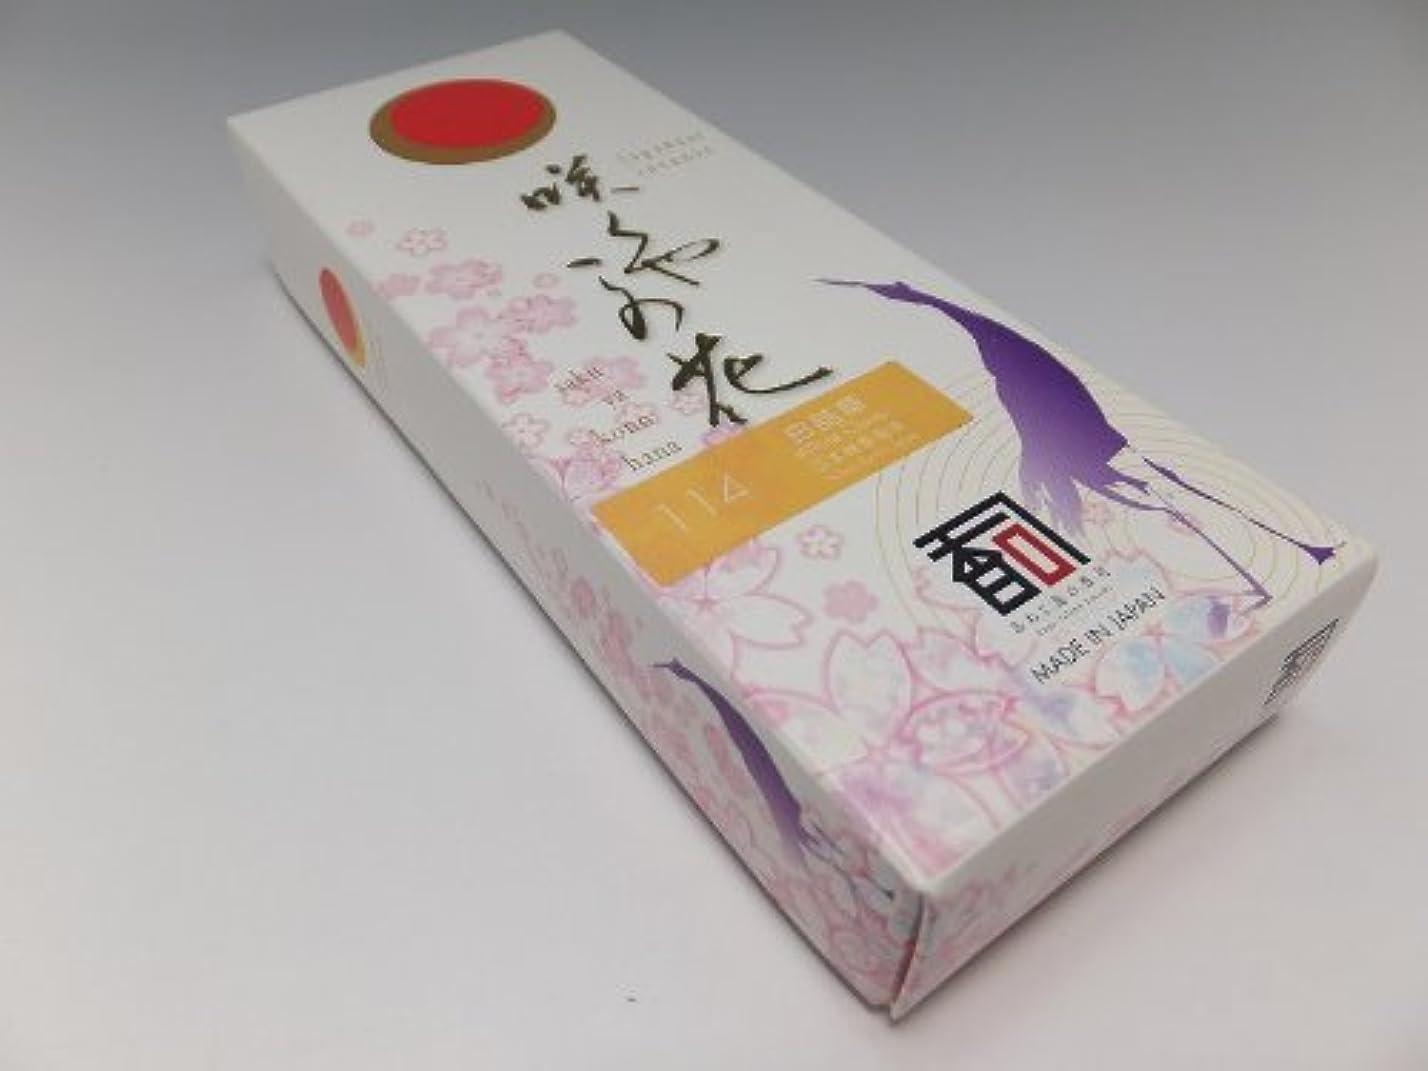 妖精ピアあえて「あわじ島の香司」 日本の香りシリーズ  [咲くや この花] 【114】 白詰草 (有煙)